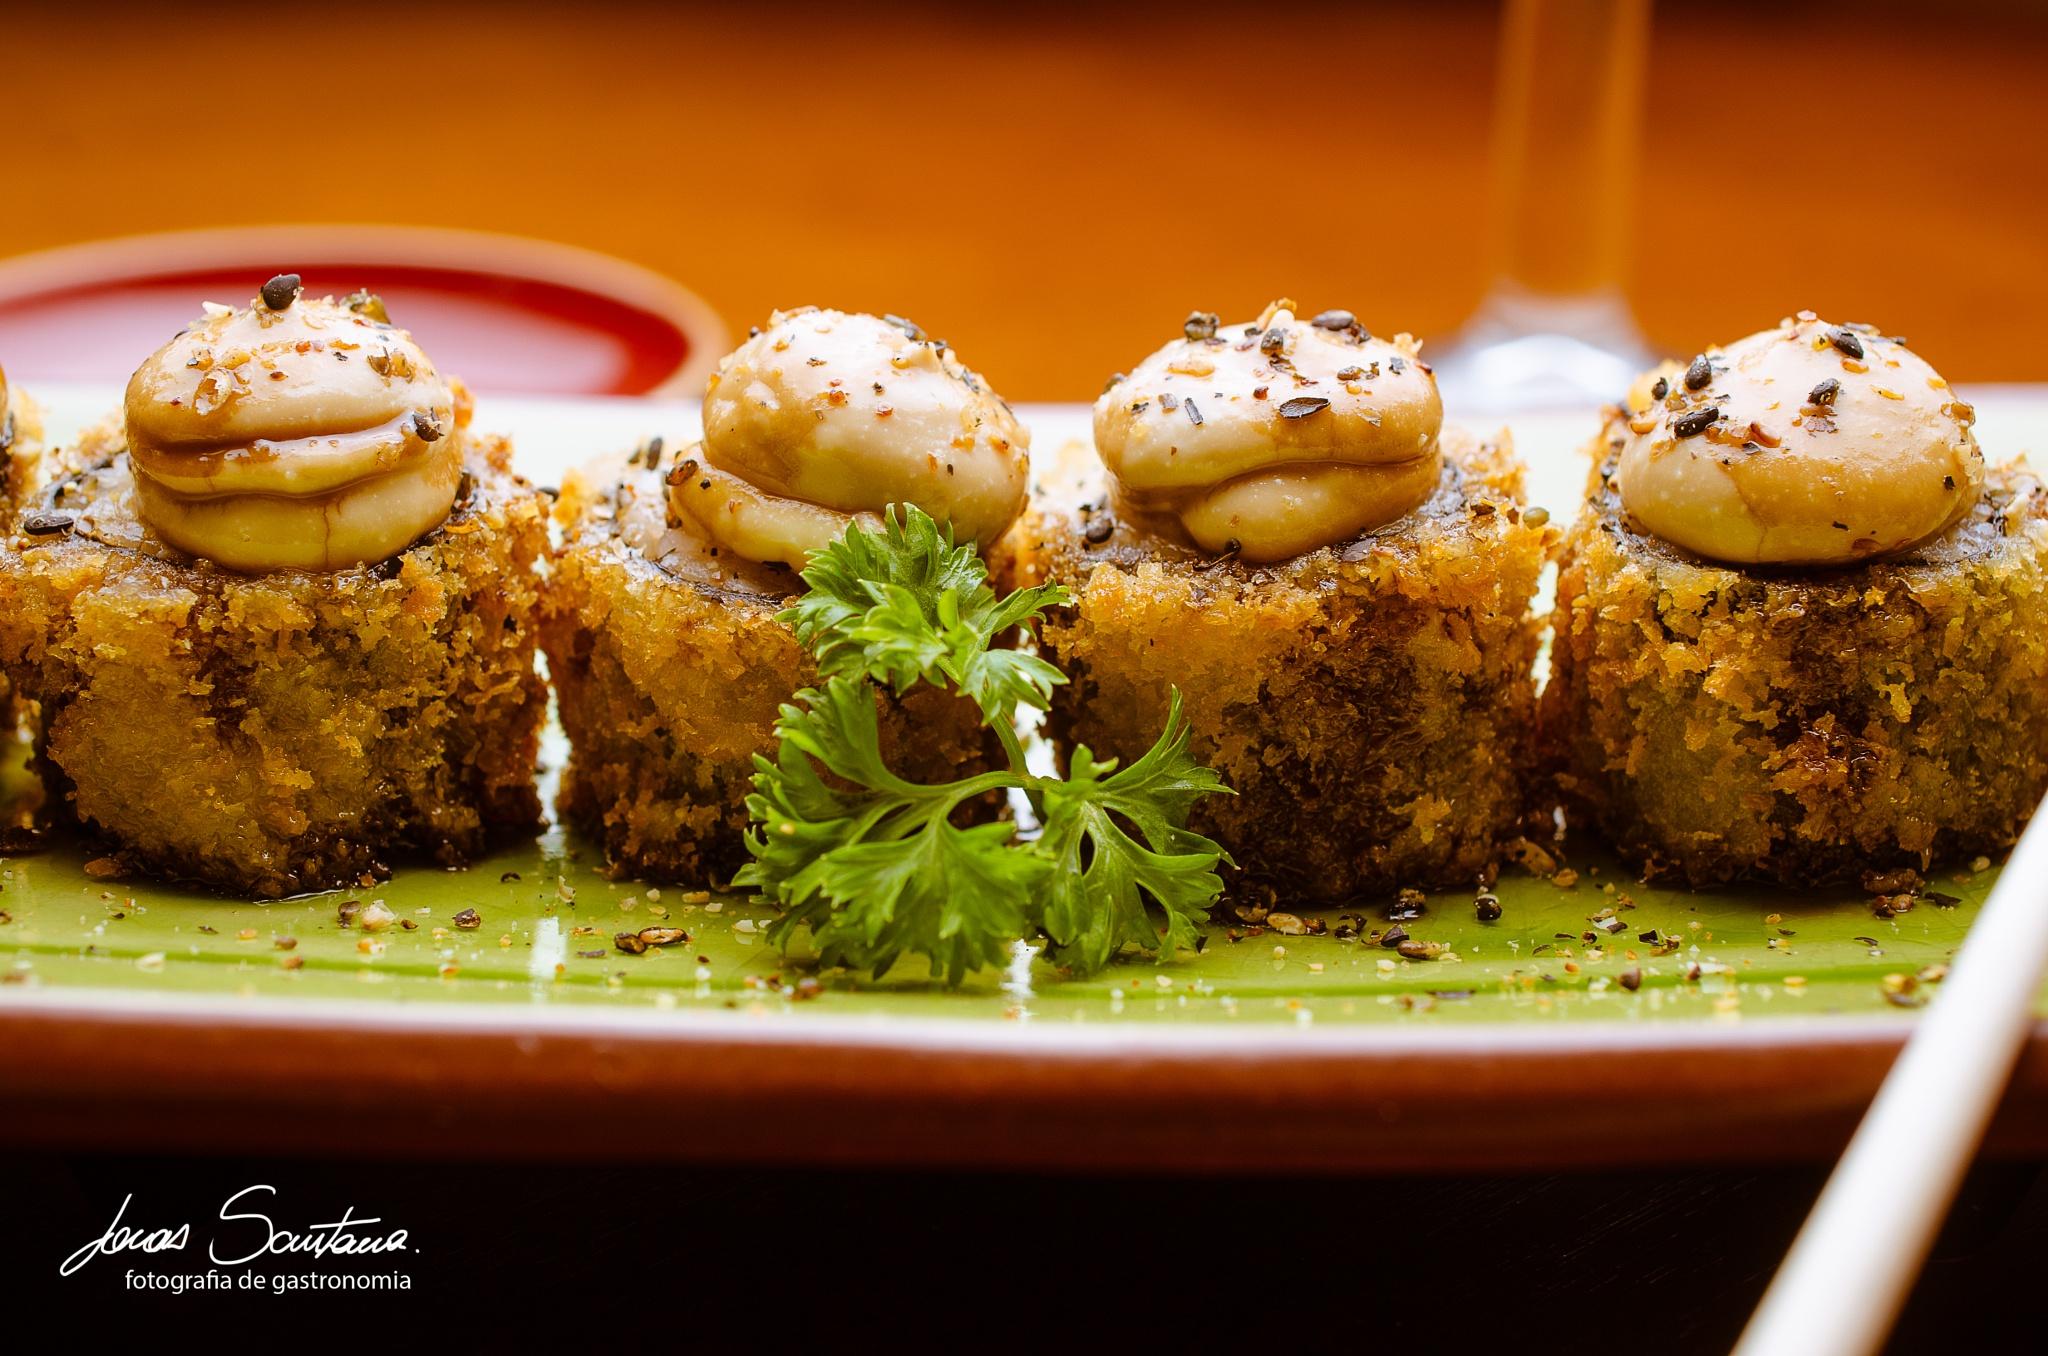 sushi by Jonas Eduardo Santana